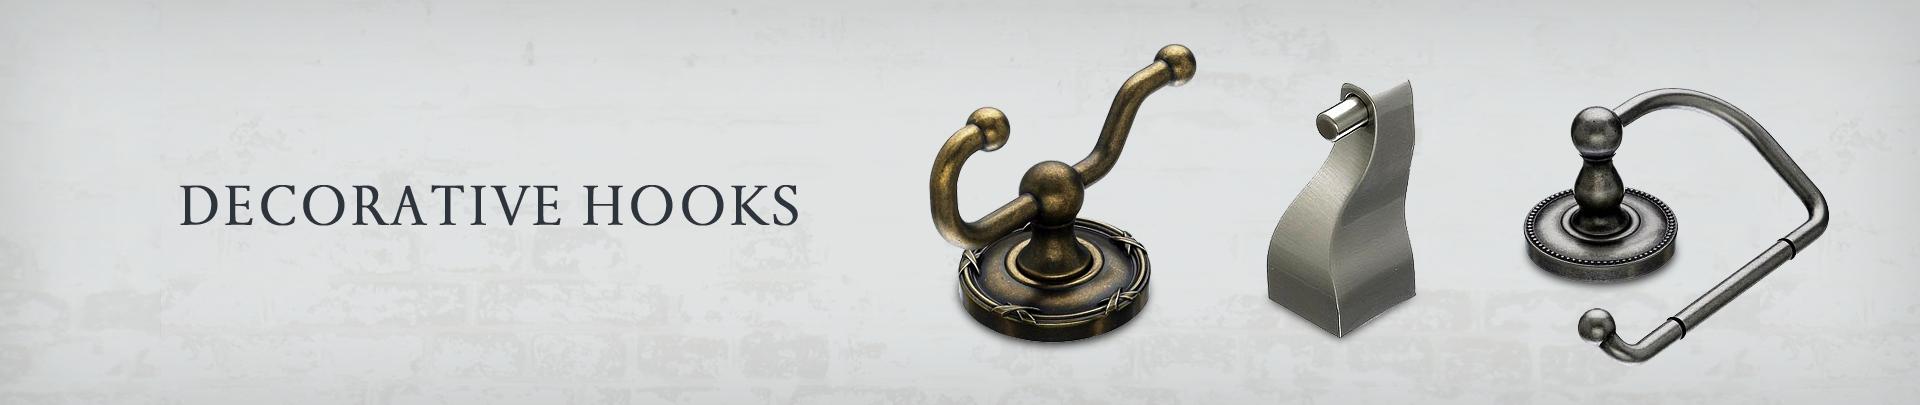 bath-decorative-hooks.png